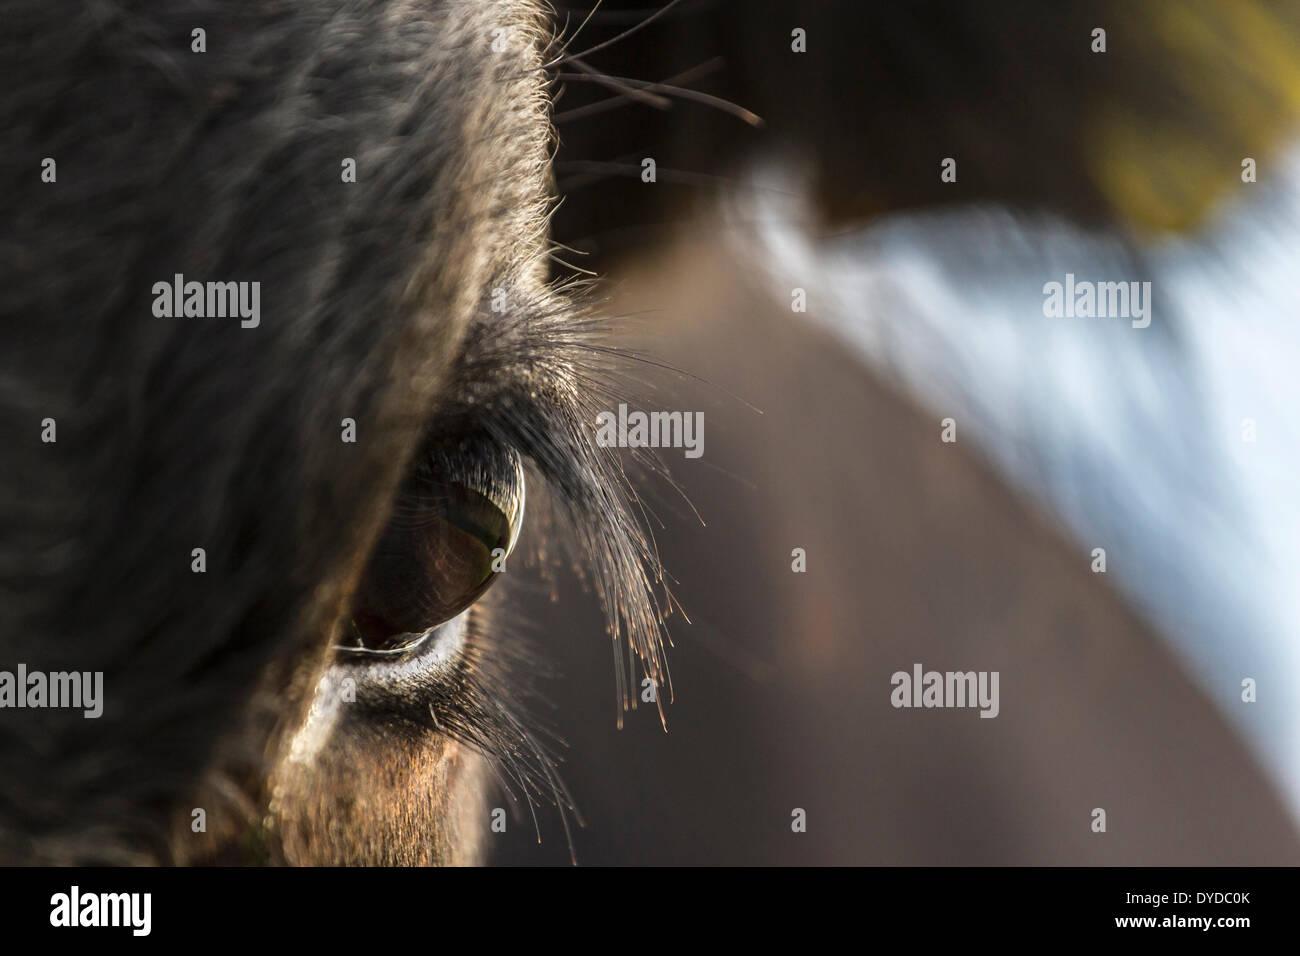 Cerca de los ojos de un ternero. Foto de stock